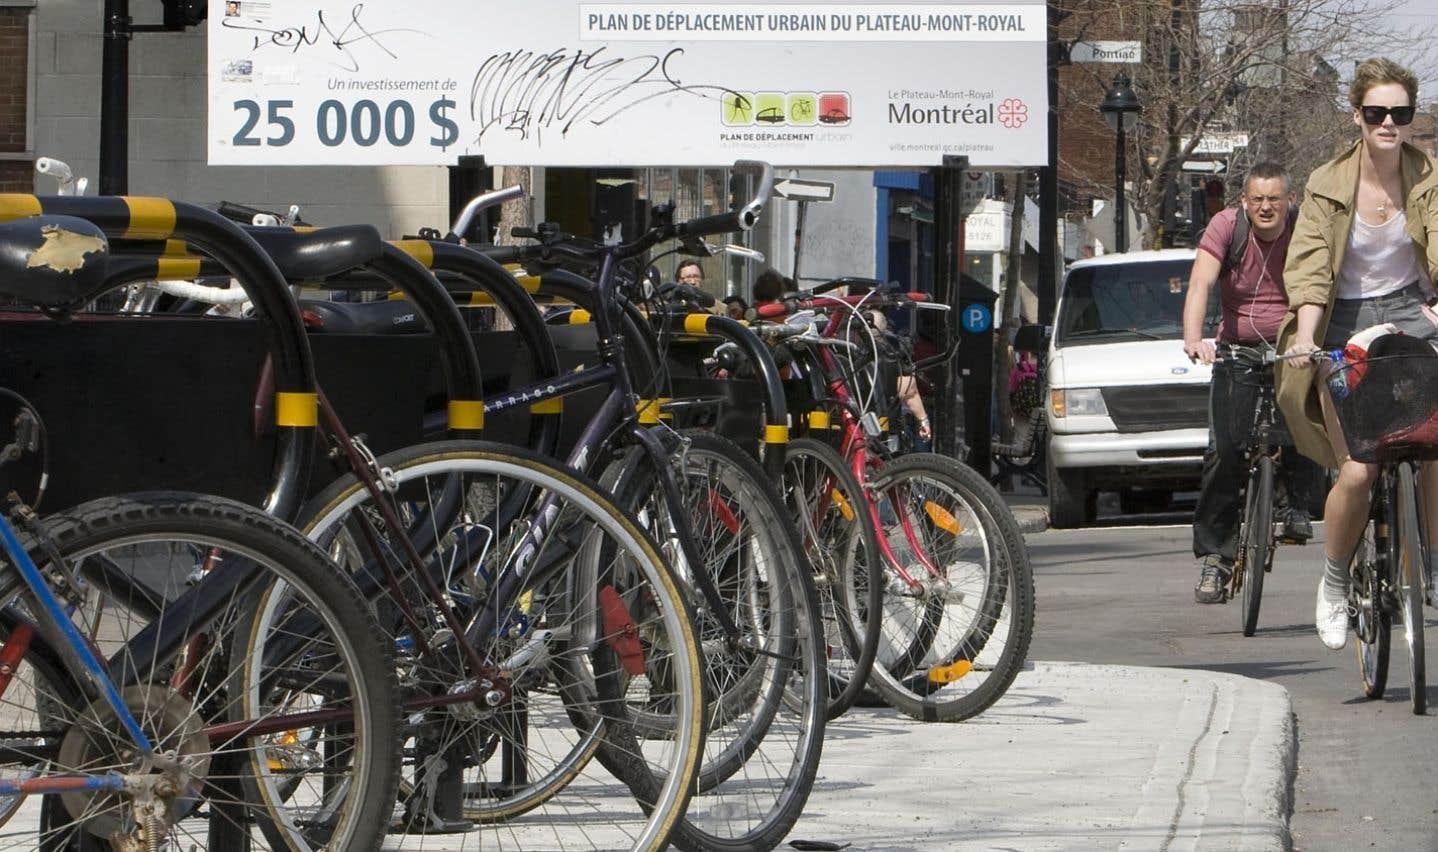 Dans leur diagnostic, les CGD tiennent compte des espaces pour les vélos, des douches et des casiers pour les cyclistes.